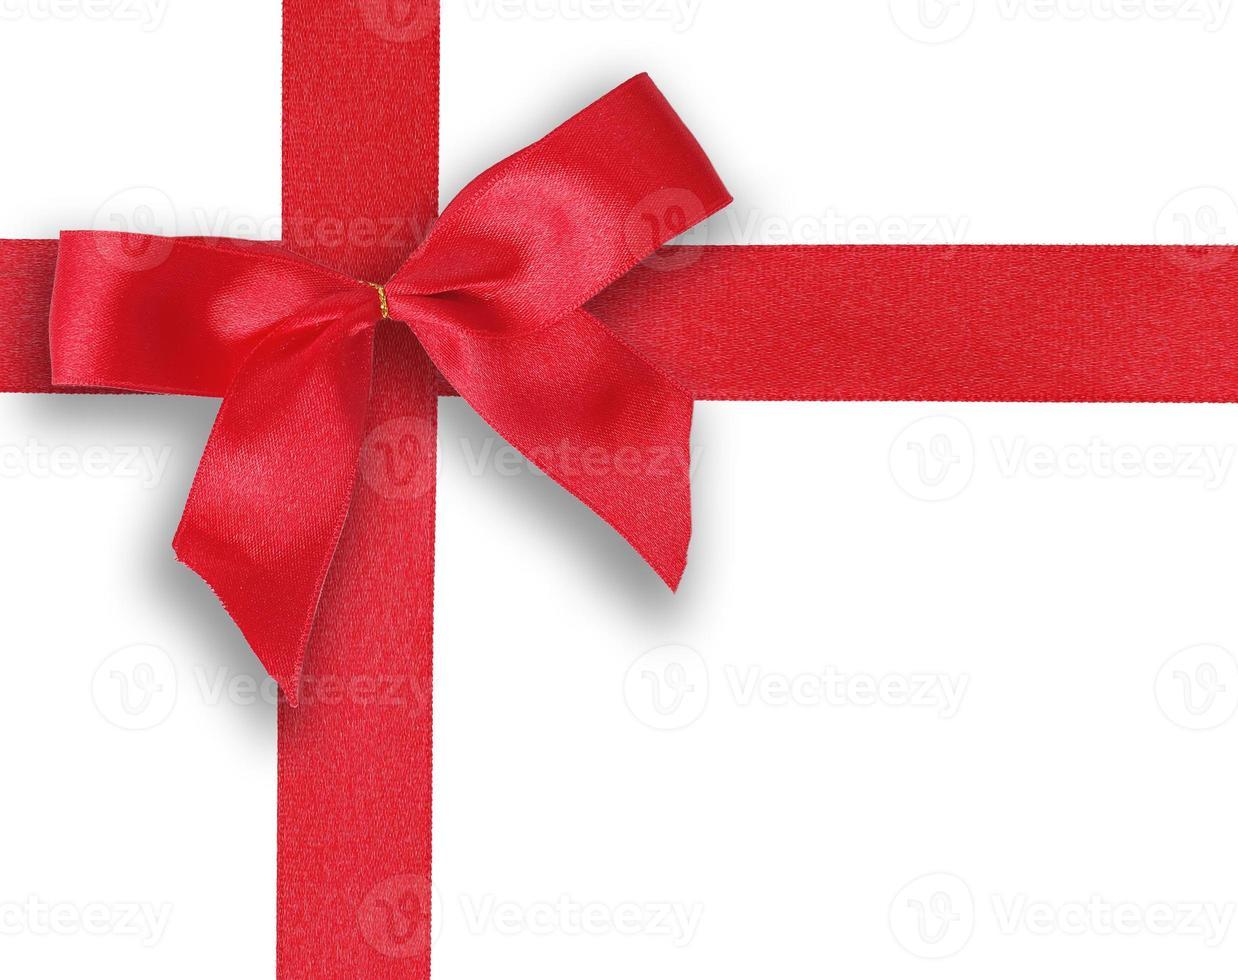 fita vermelha e arco em fundo branco isolado foto